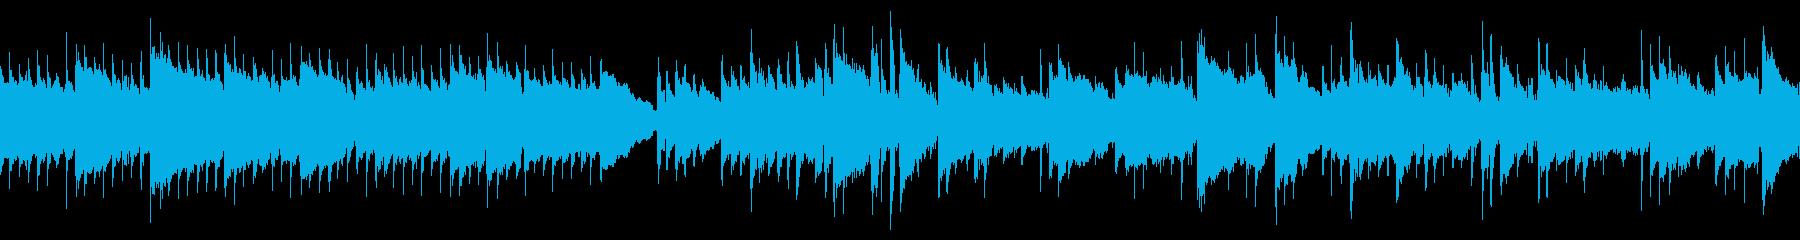 生演奏アコギが綺麗で暖かく切ないバラードの再生済みの波形